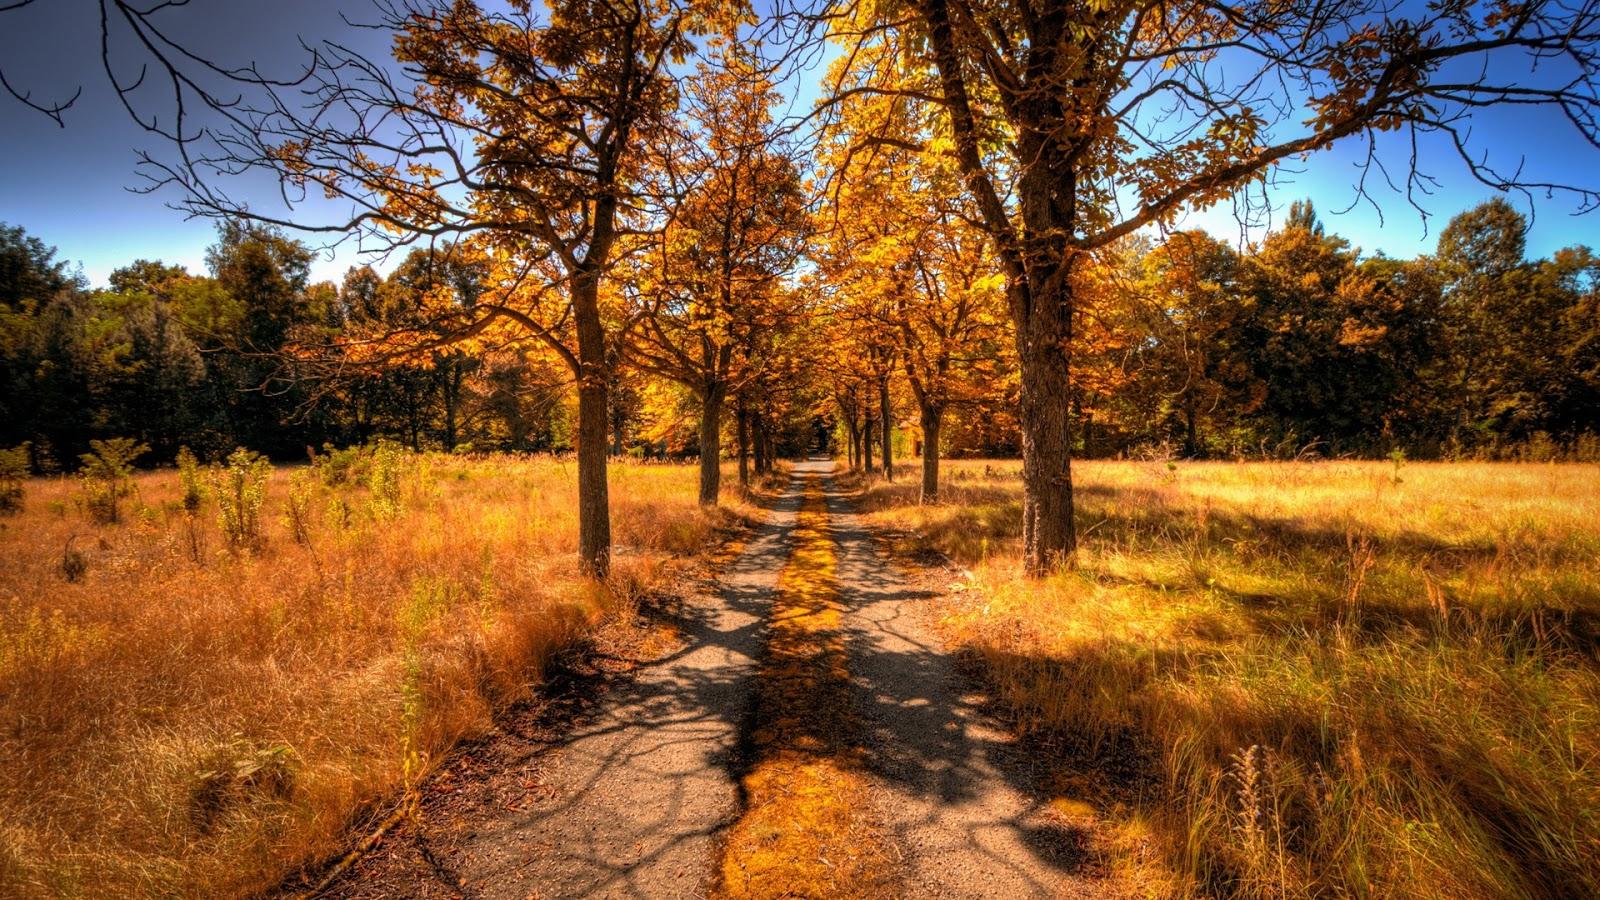 Autumn tree landscape download 1920x1080